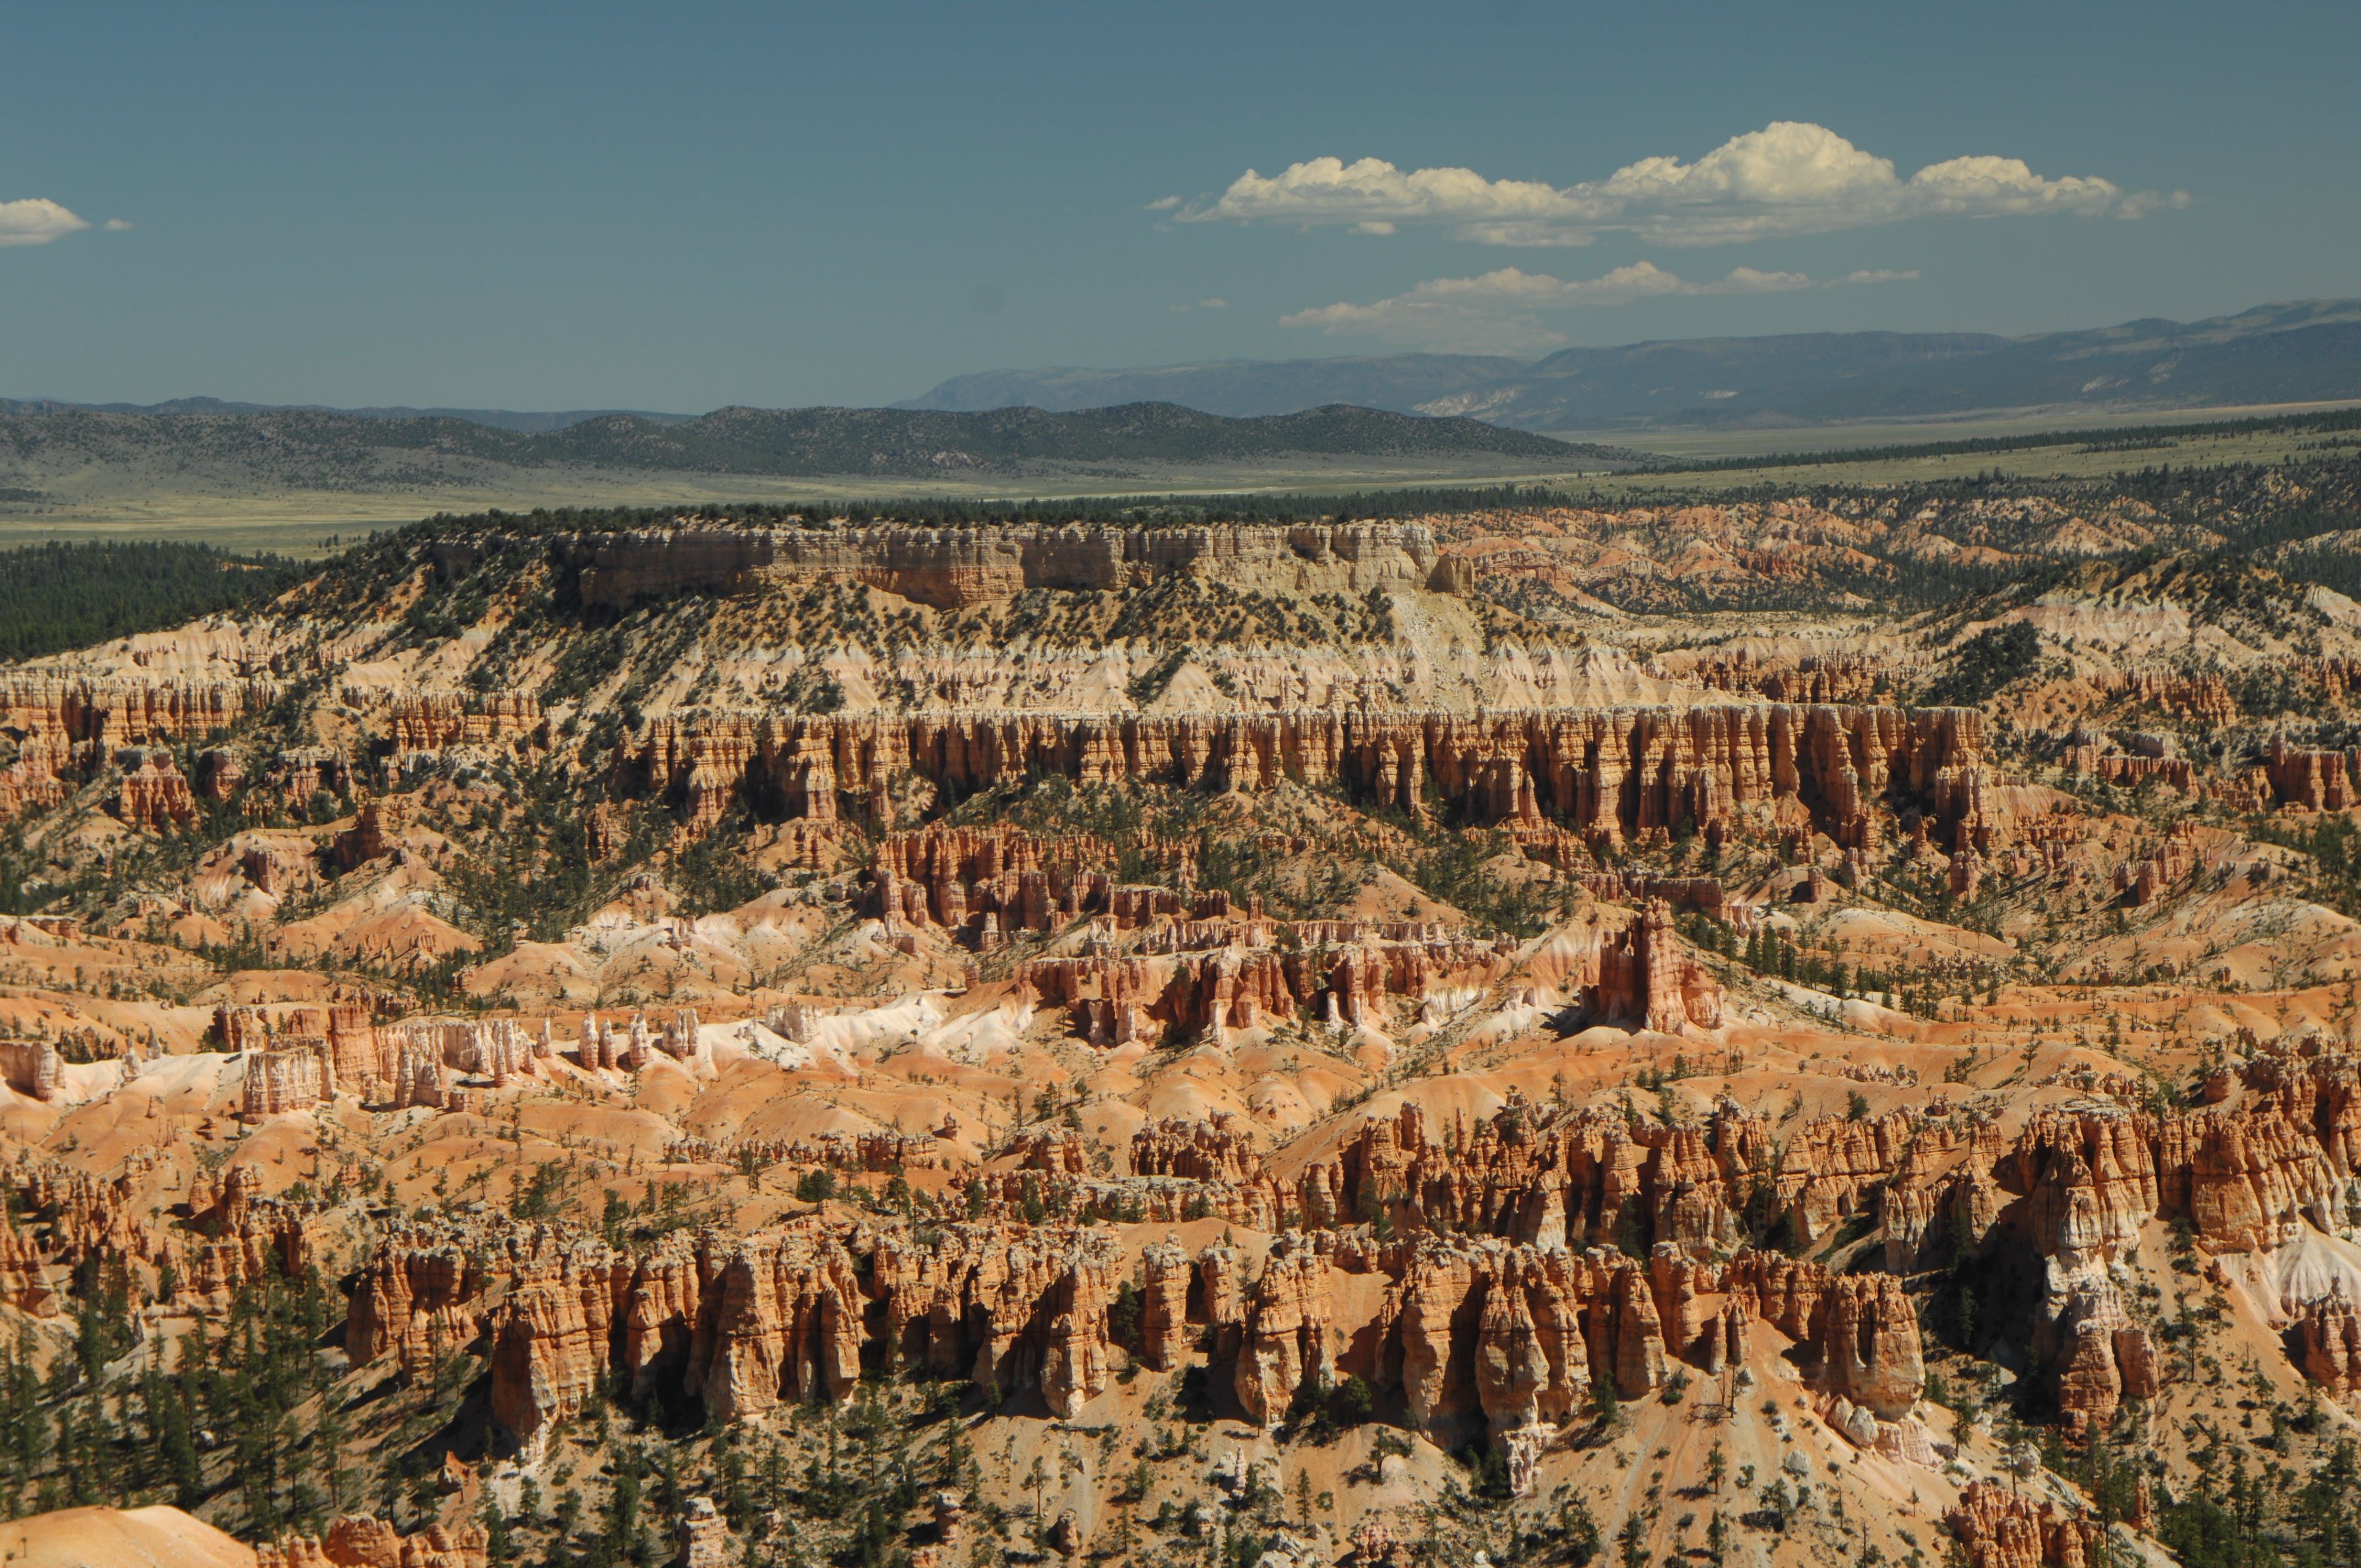 乾的, 侵蝕, 地標, 地質學 的 免费素材照片